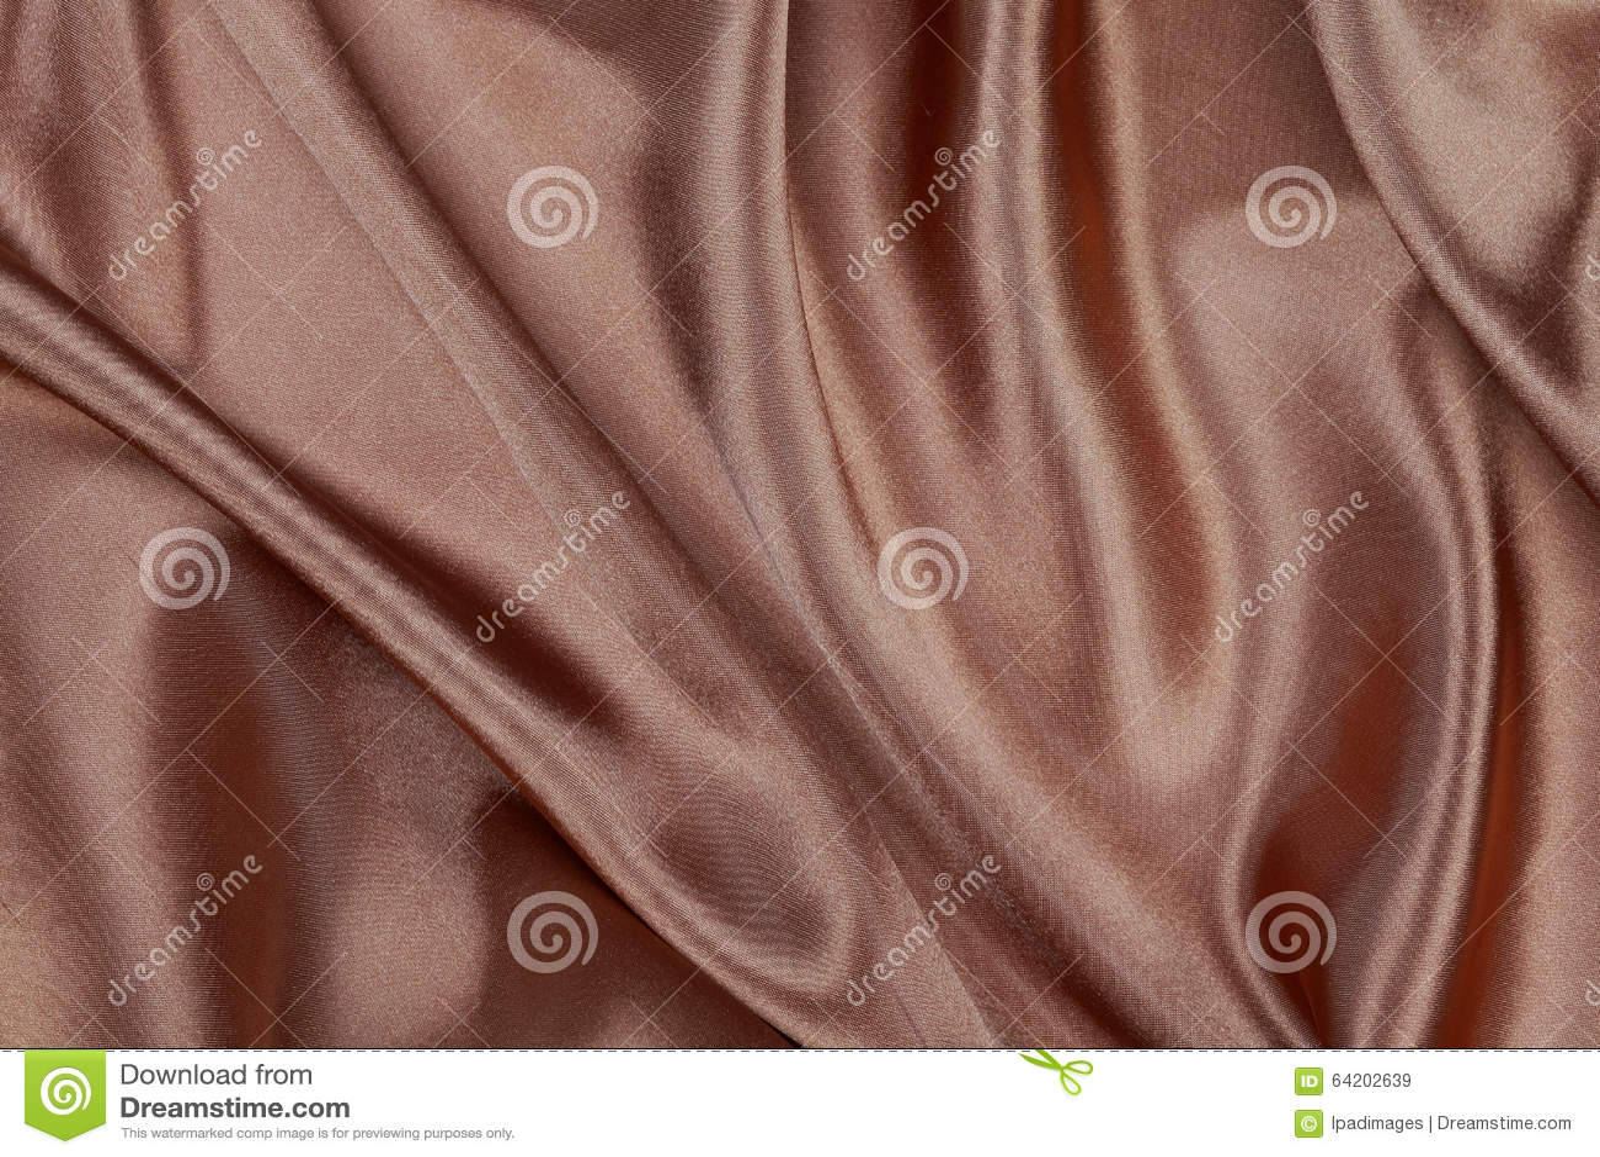 Material de seda o papel pintado elegante del terciopelo del satén de la textura de Brown